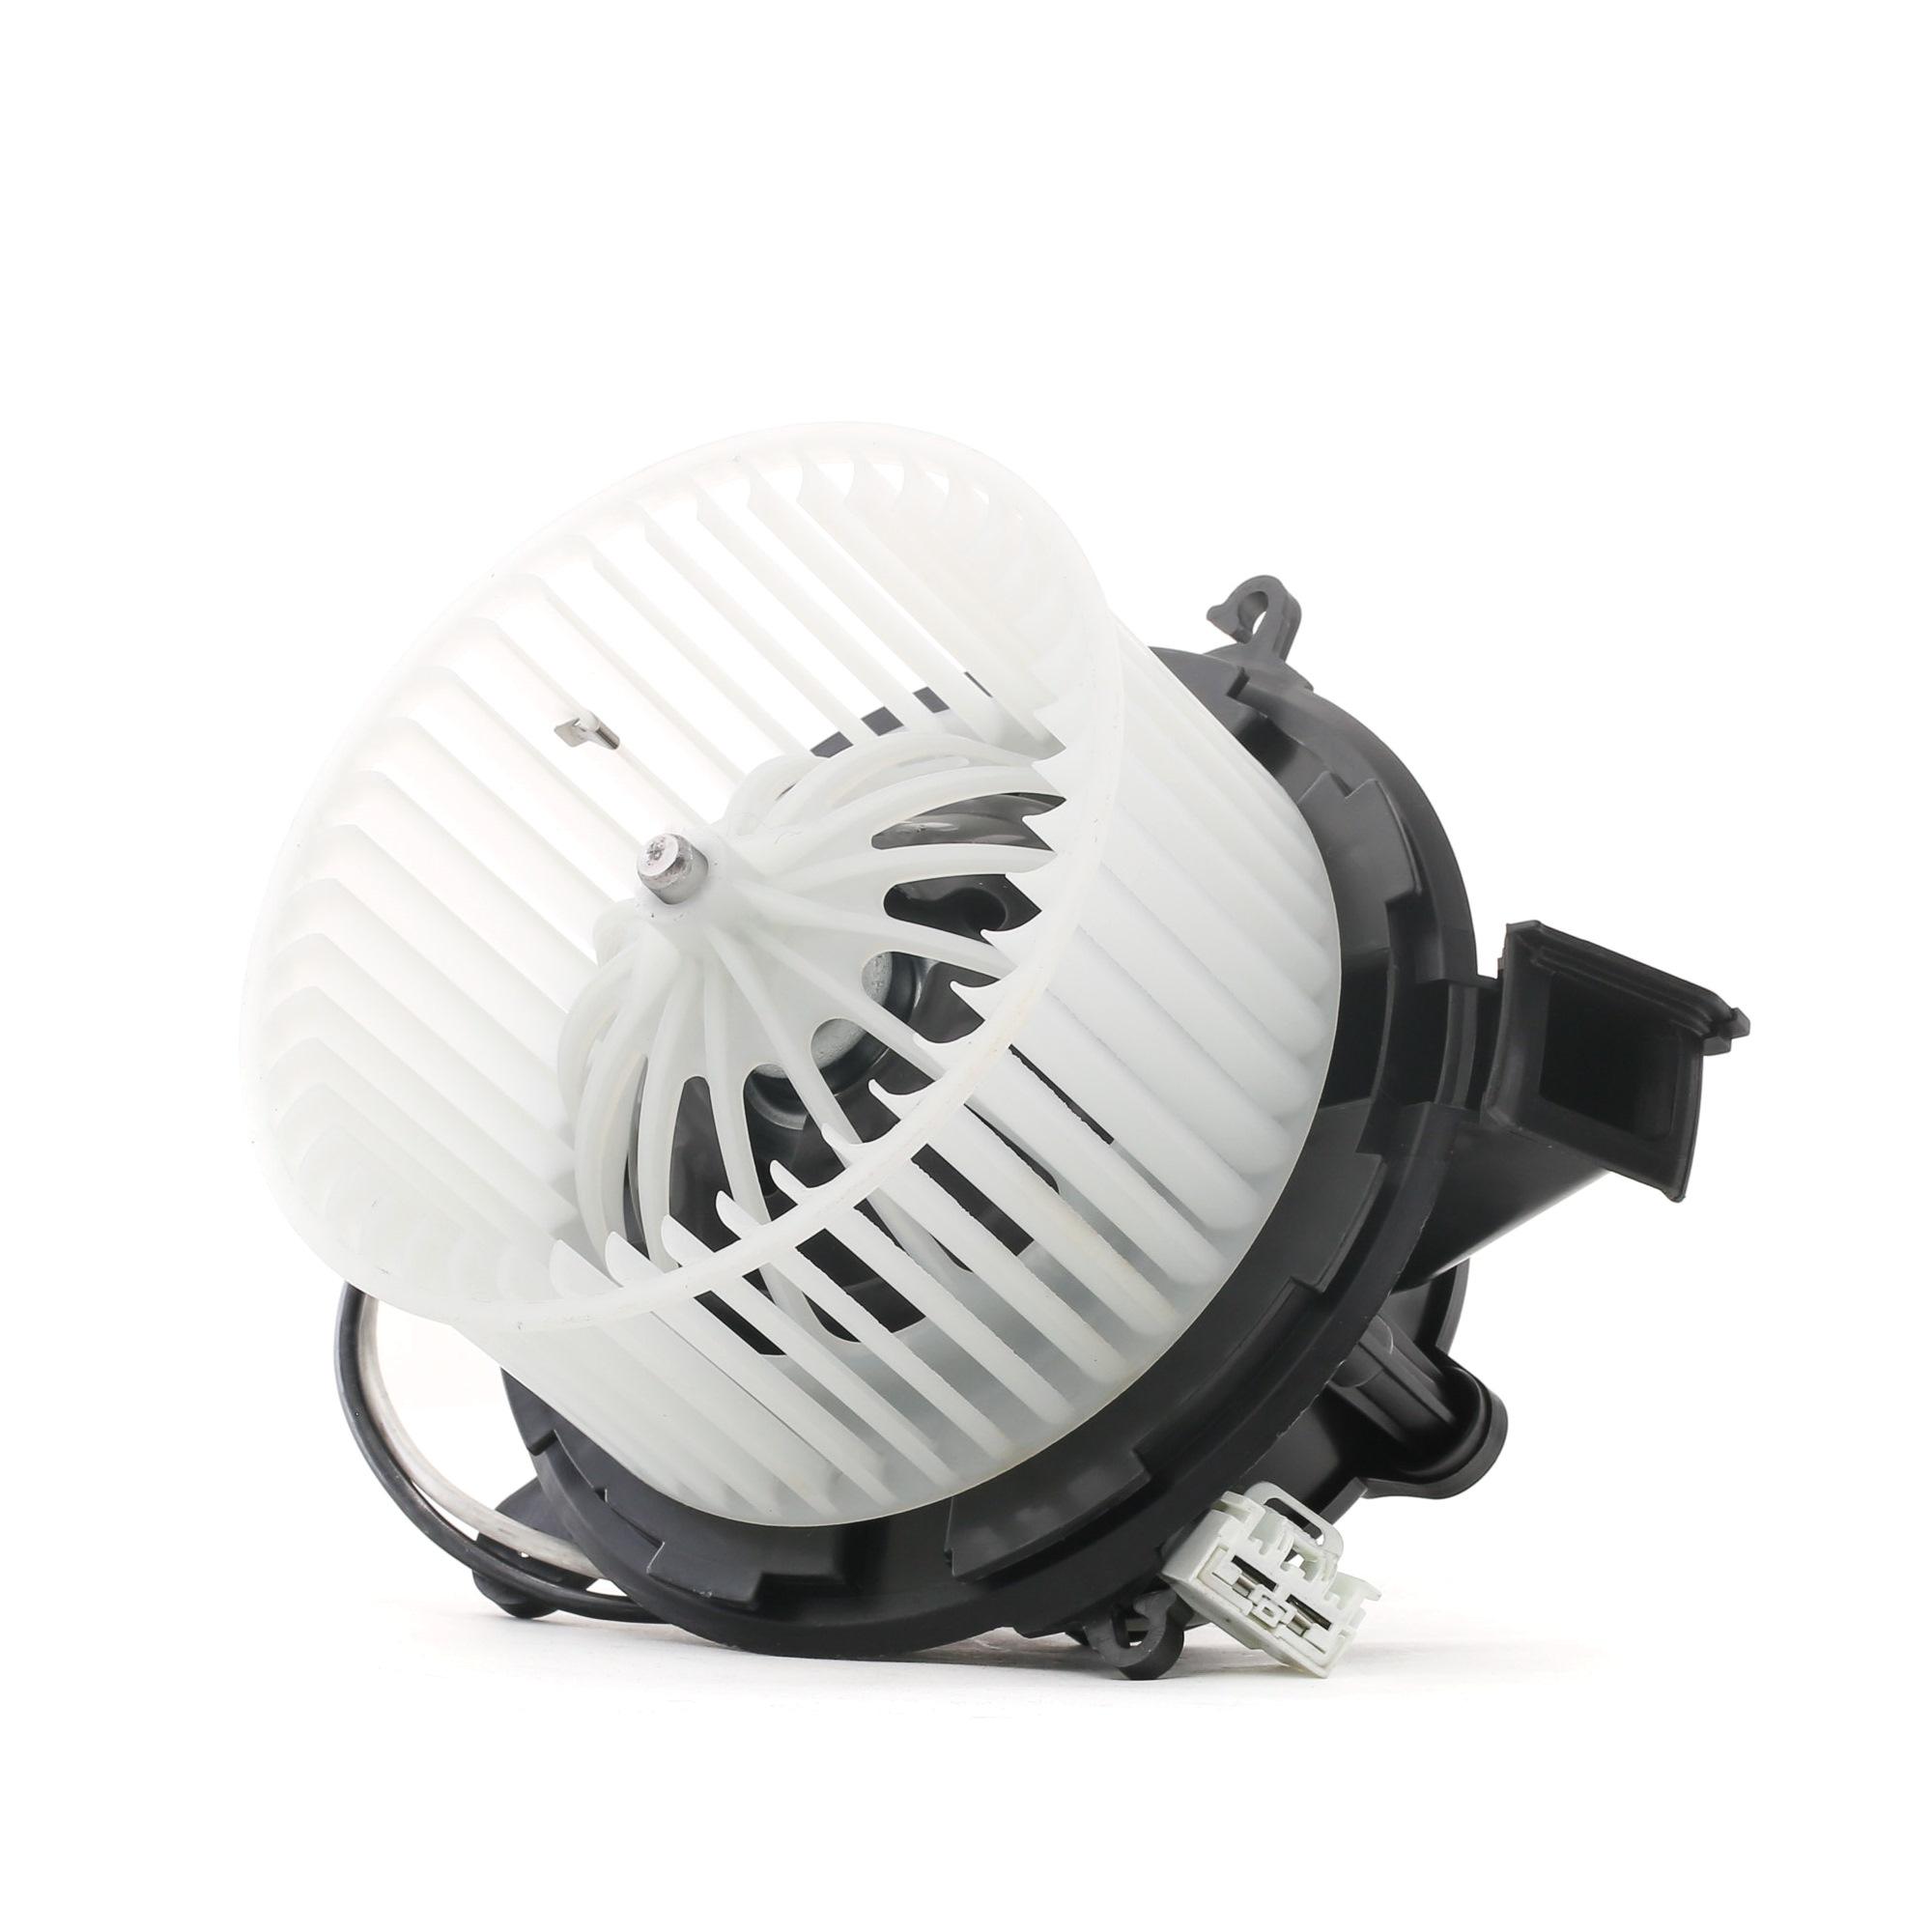 Originales Motor eléctrico ventilador habitáculo 2669I0125 Opel